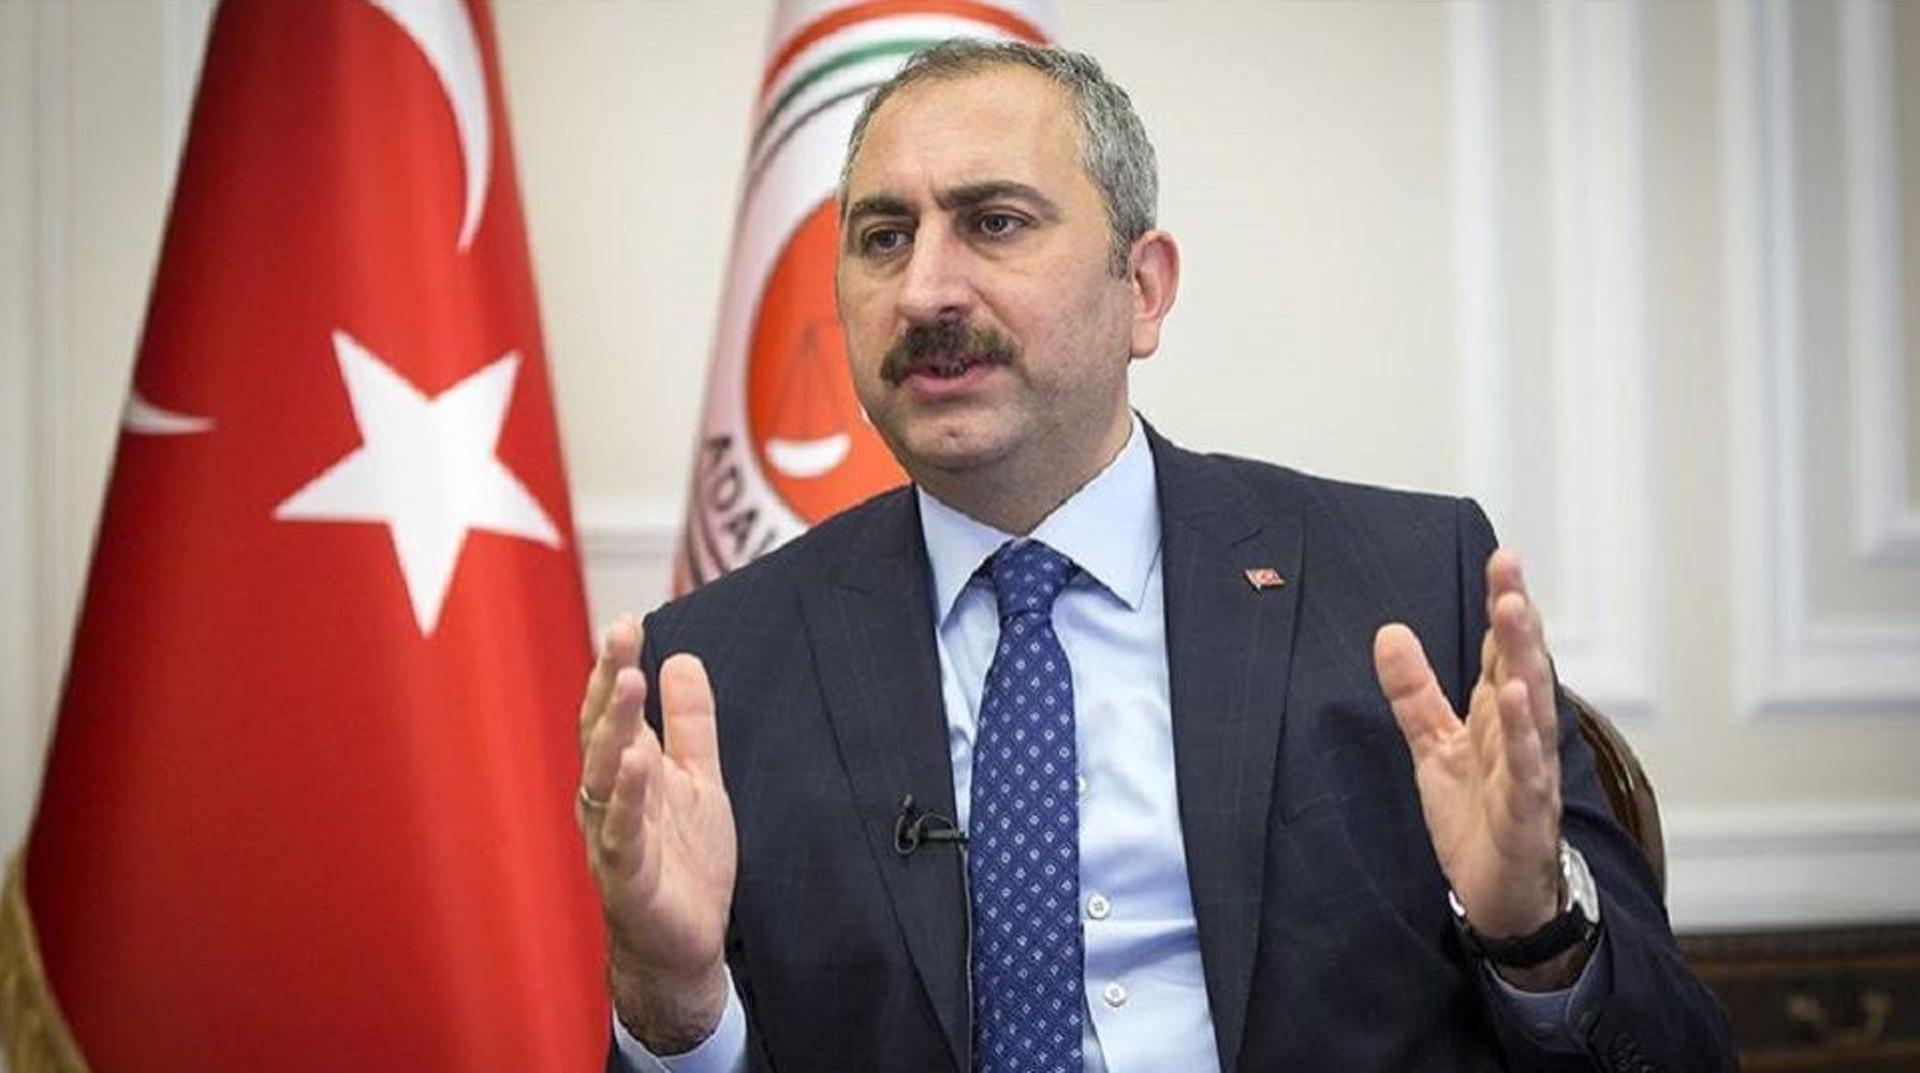 Adalet Bakanı Gül: Kimse 'Kadir suçludur' diyemez ama ortada ceset var